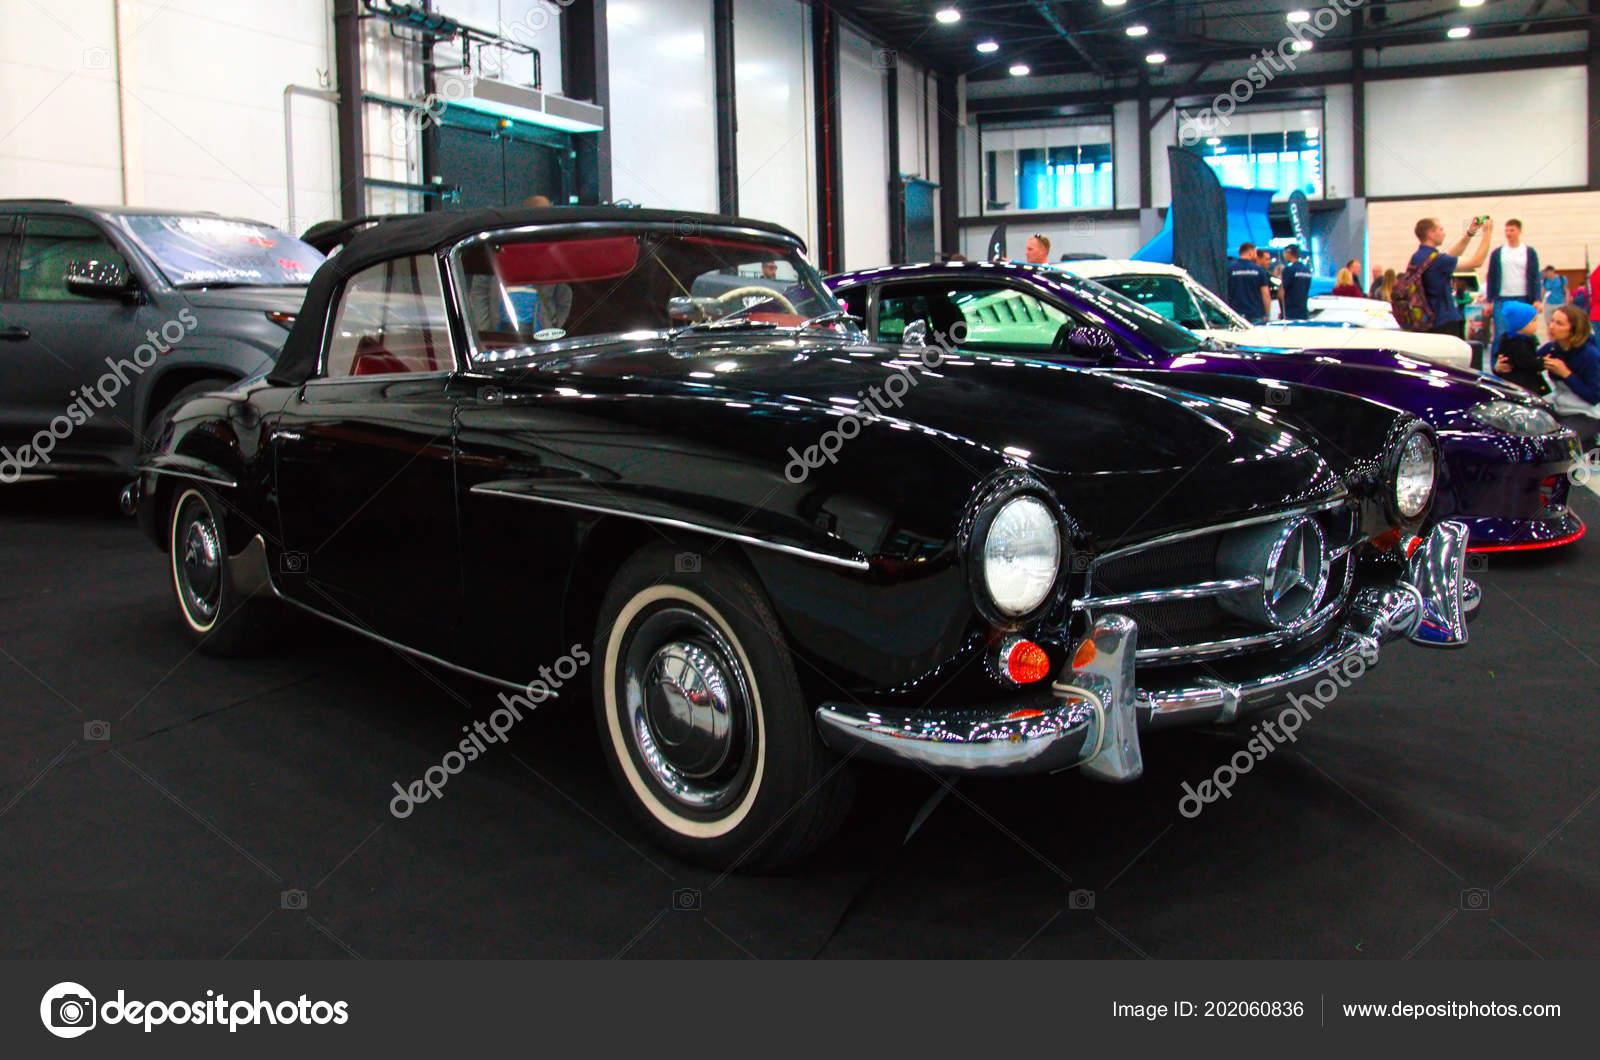 5c354cce512e2 Немецкий черный ретро суперкар Mercedes 190cl в Королевской Auto Show. 10  июня 2018. Санкт-Петербург, Россия– Стоковая редакционная фотография